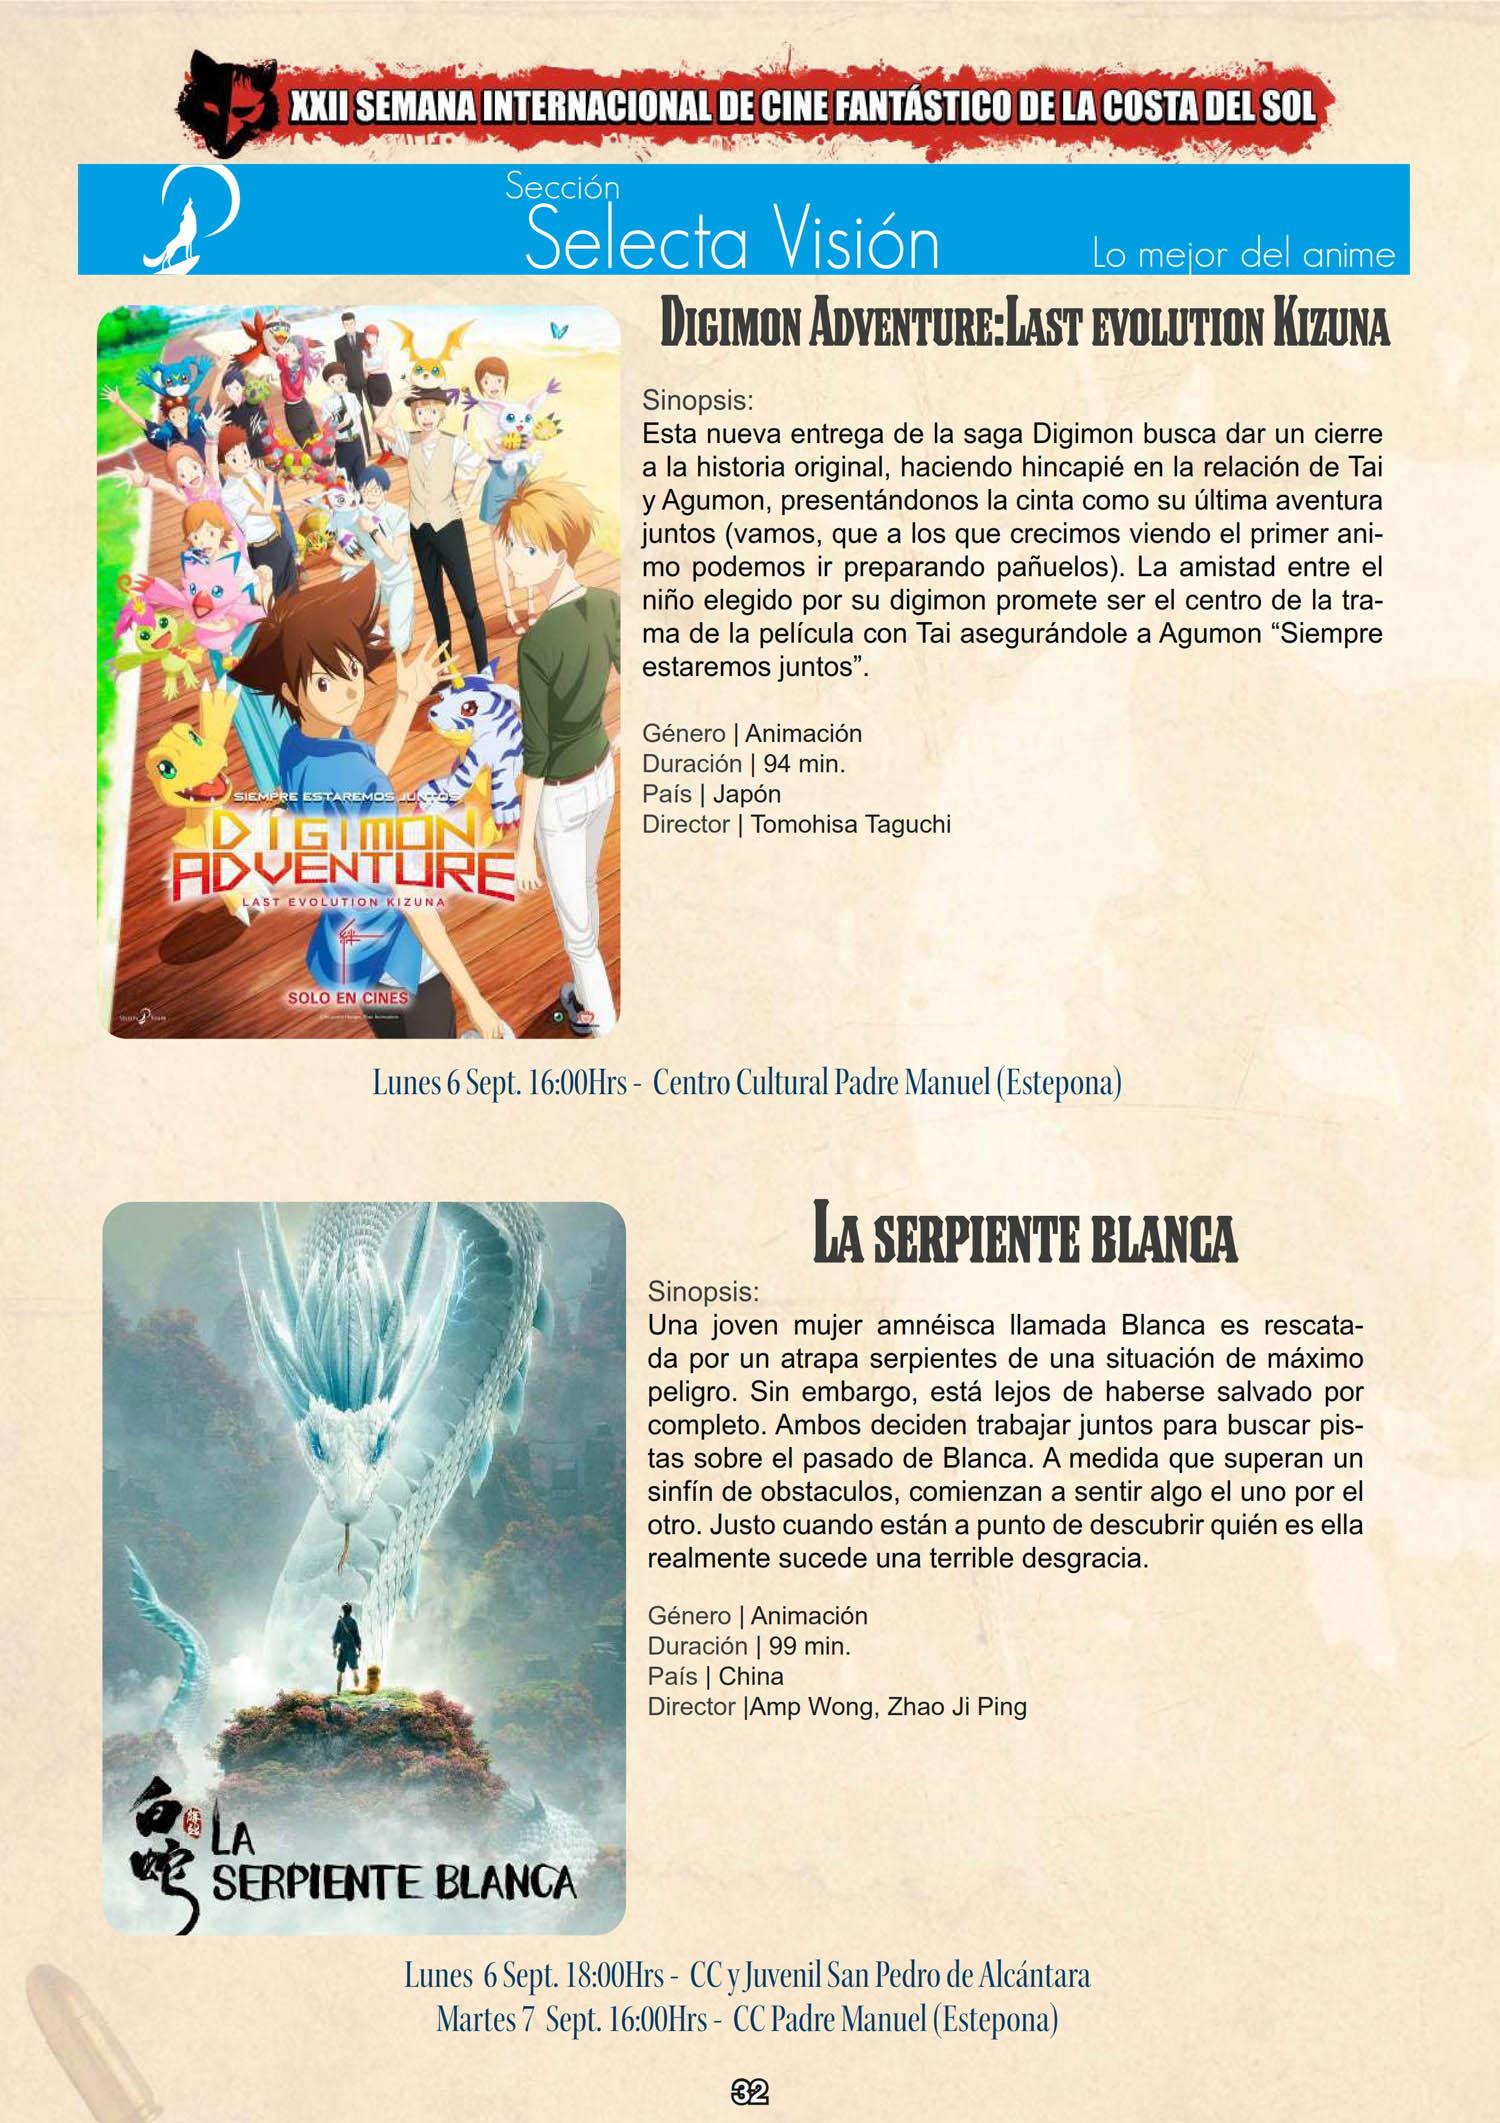 cat-logo-semana-de-cine-2021-web-032.jpg